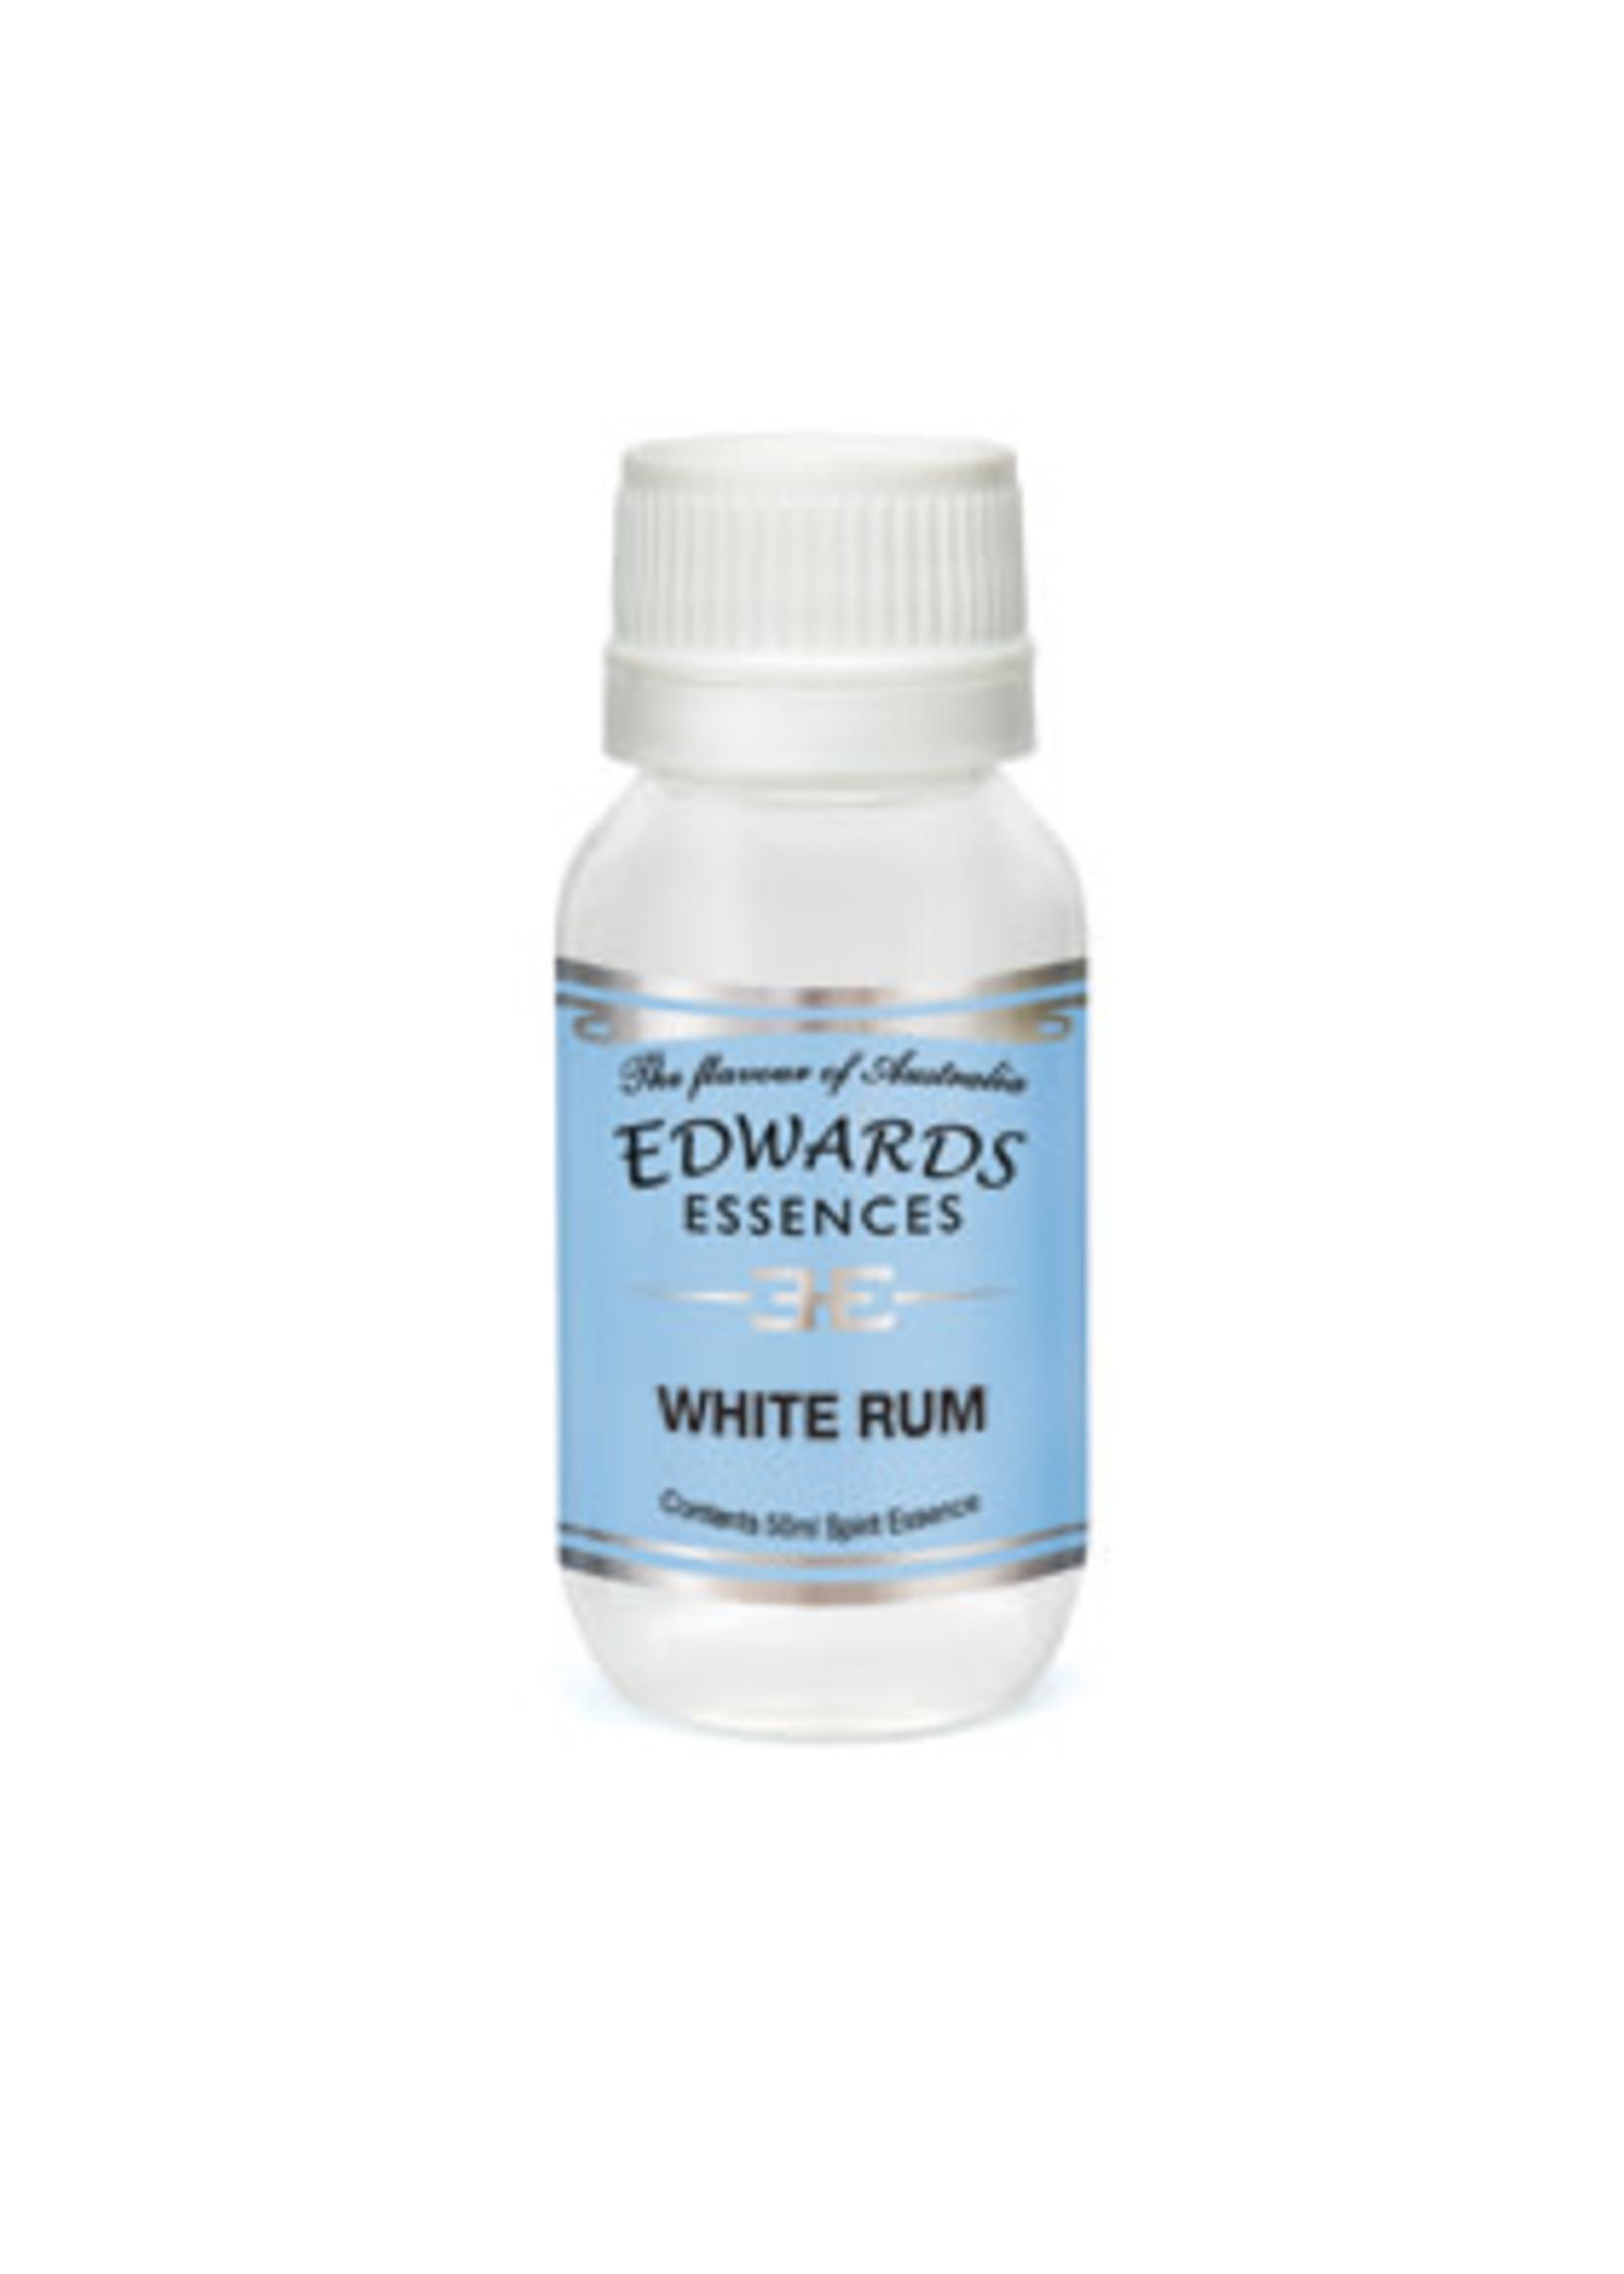 Edwards Essences Edwards Essences White Rum 50ml